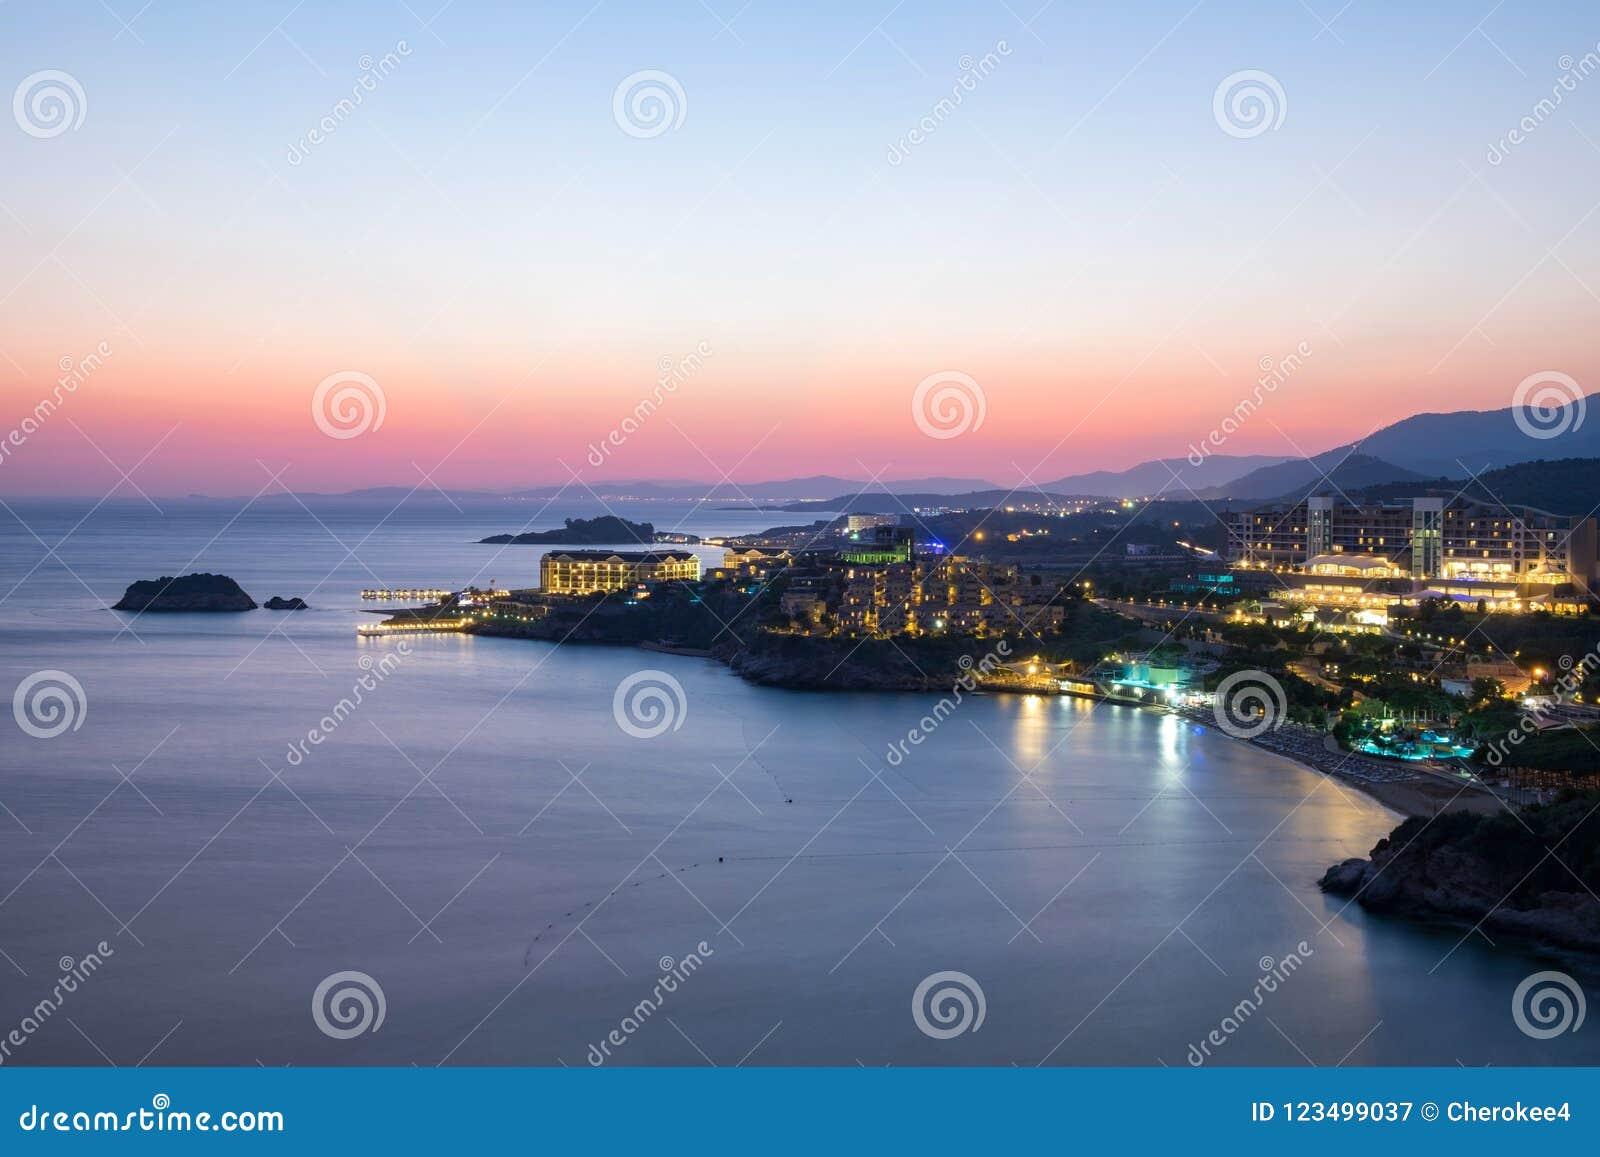 Vista di notte della spiaggia e degli hotel sulla costa dell oceano o del mare